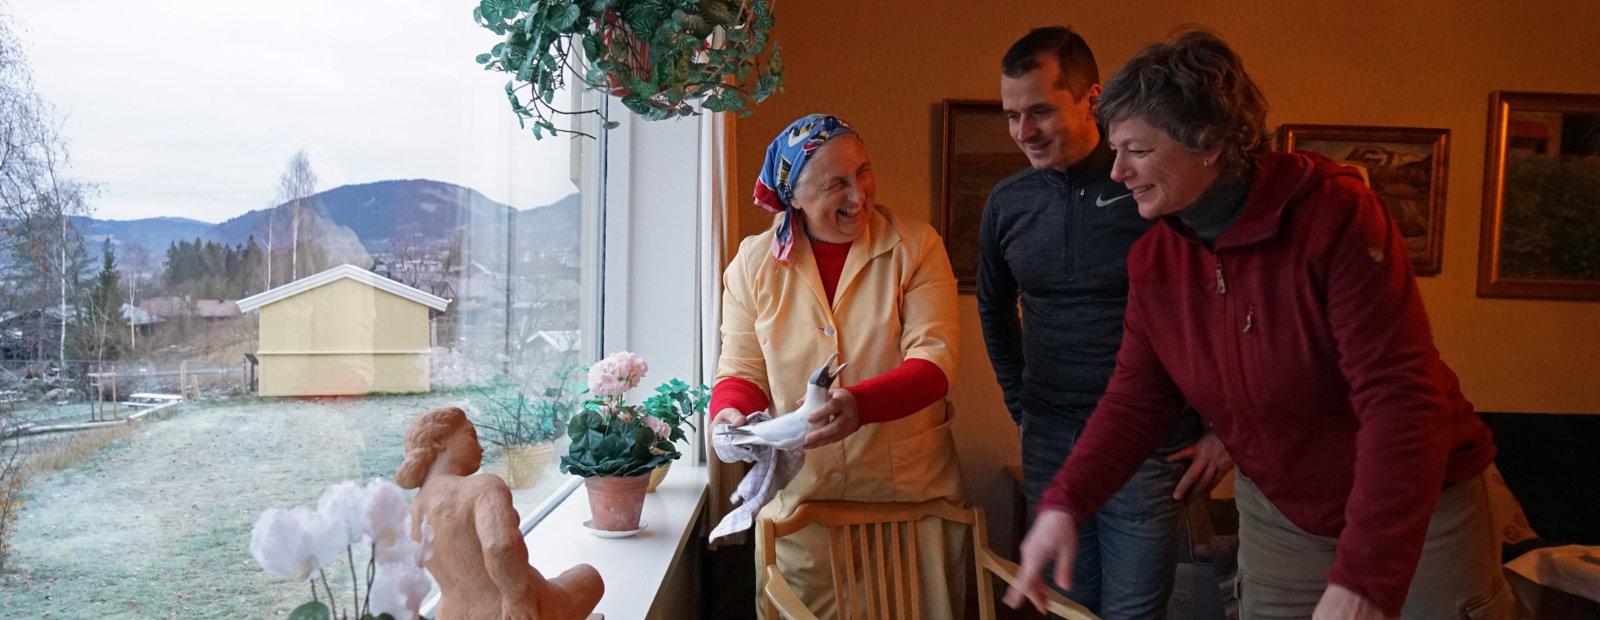 Husjelpa i 50-tallshuset viser gjestne pynten i huset. Foto: Esben Haakenstad